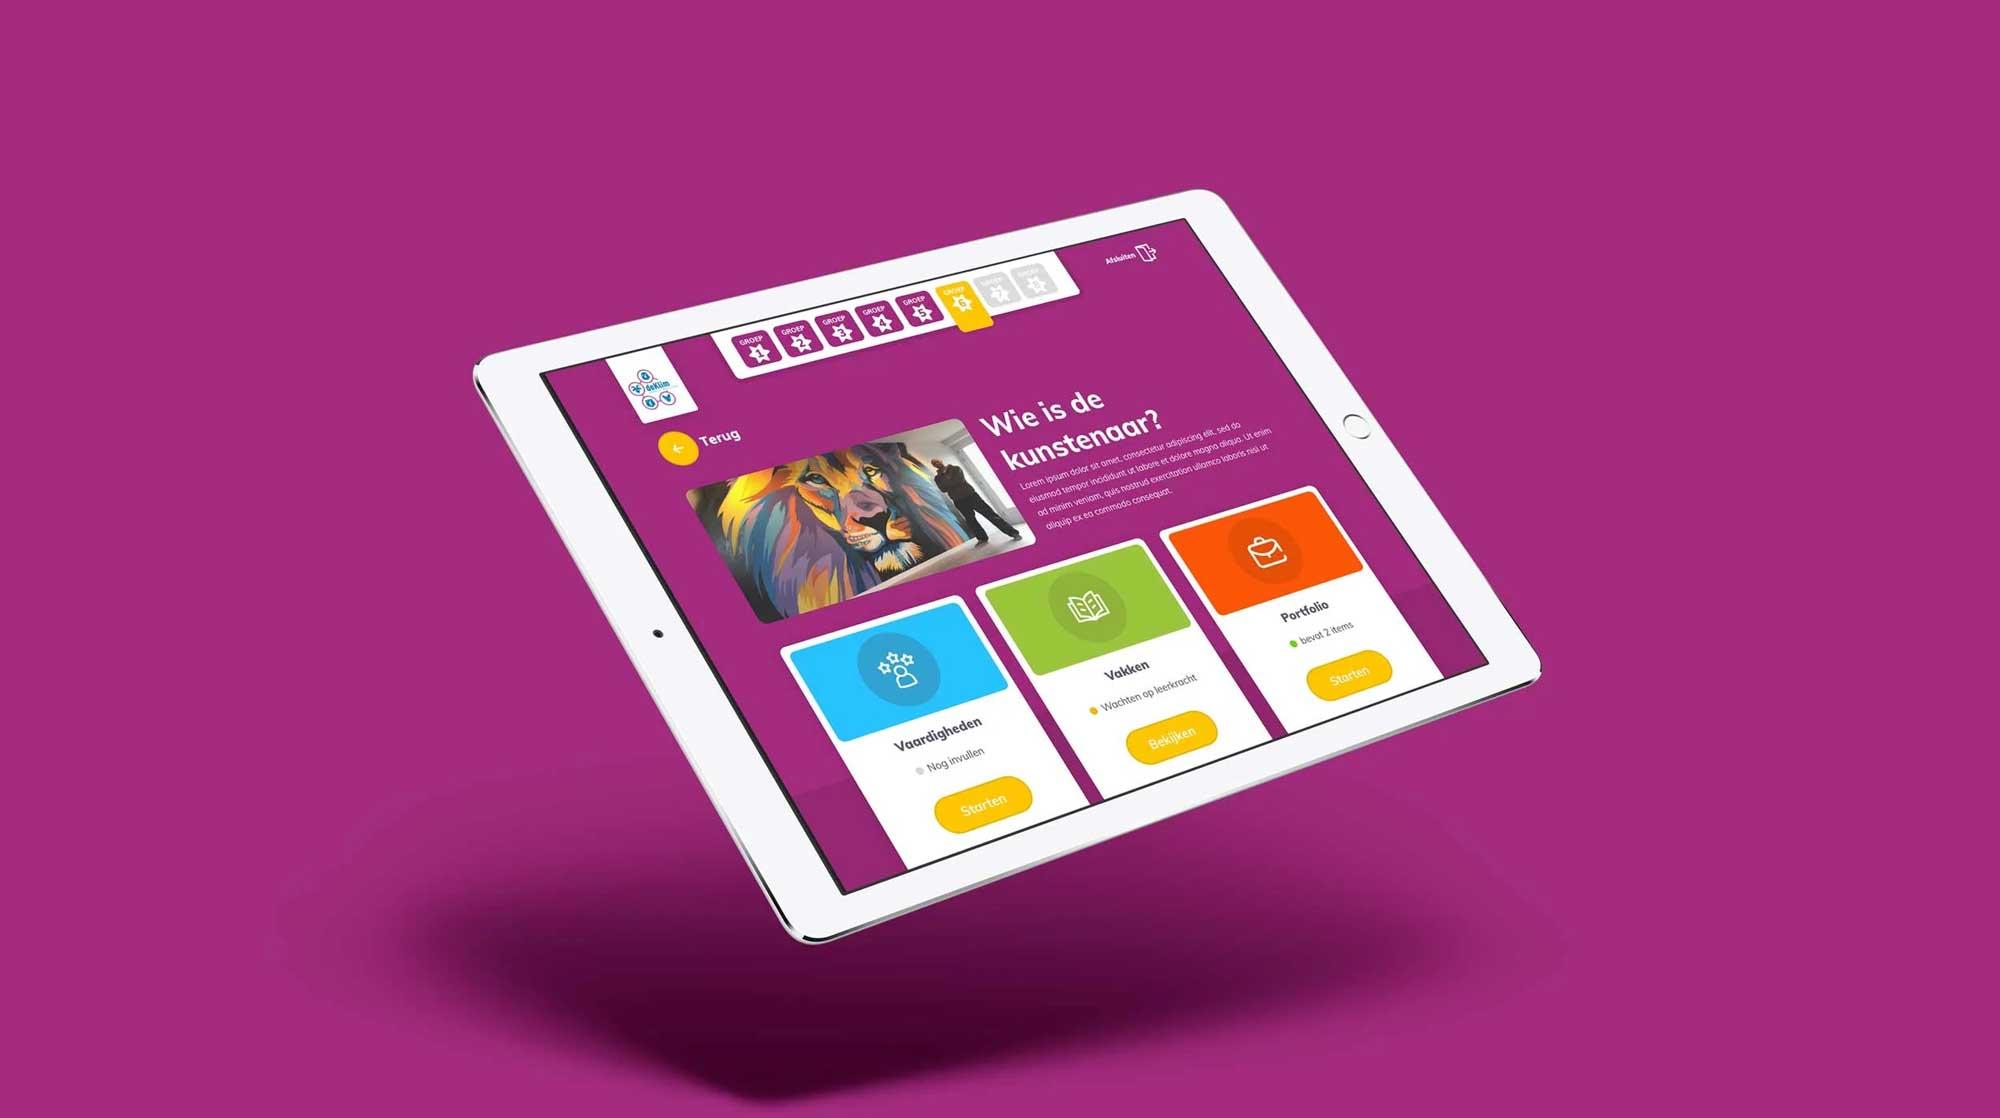 Mock-up tablet applicatie